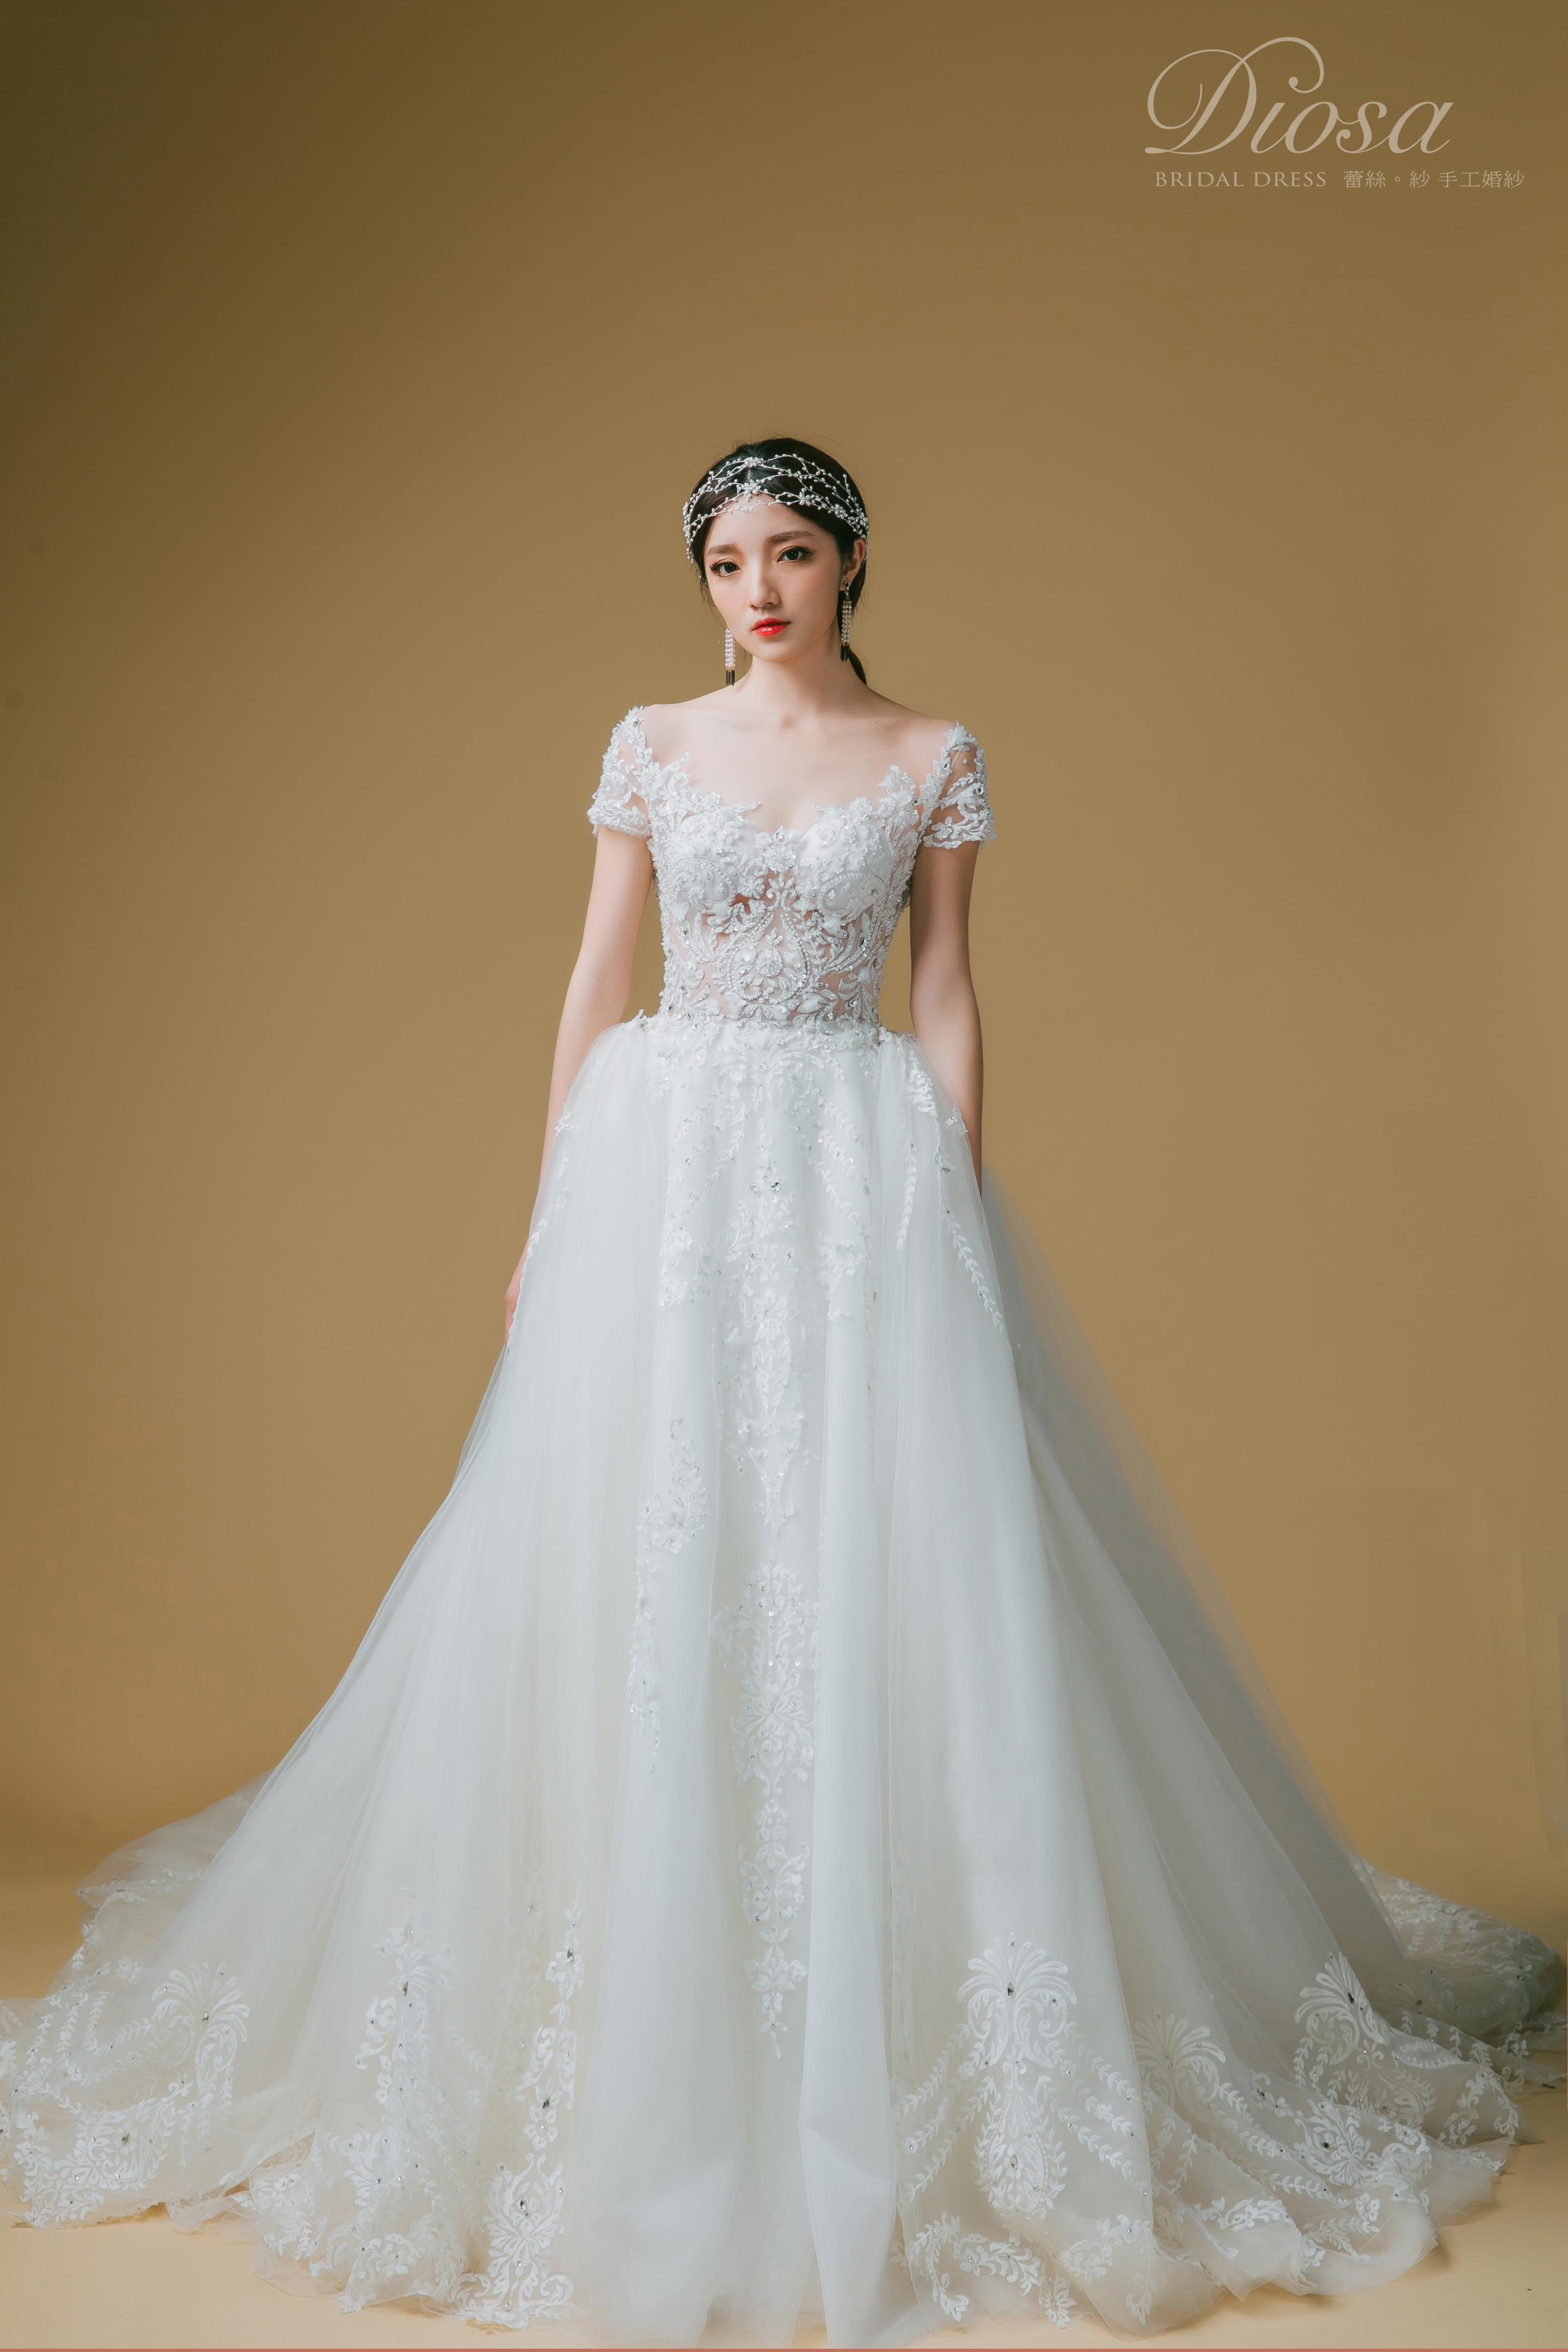 婚紗,自助婚紗,台北婚紗,禮服,拍婚紗